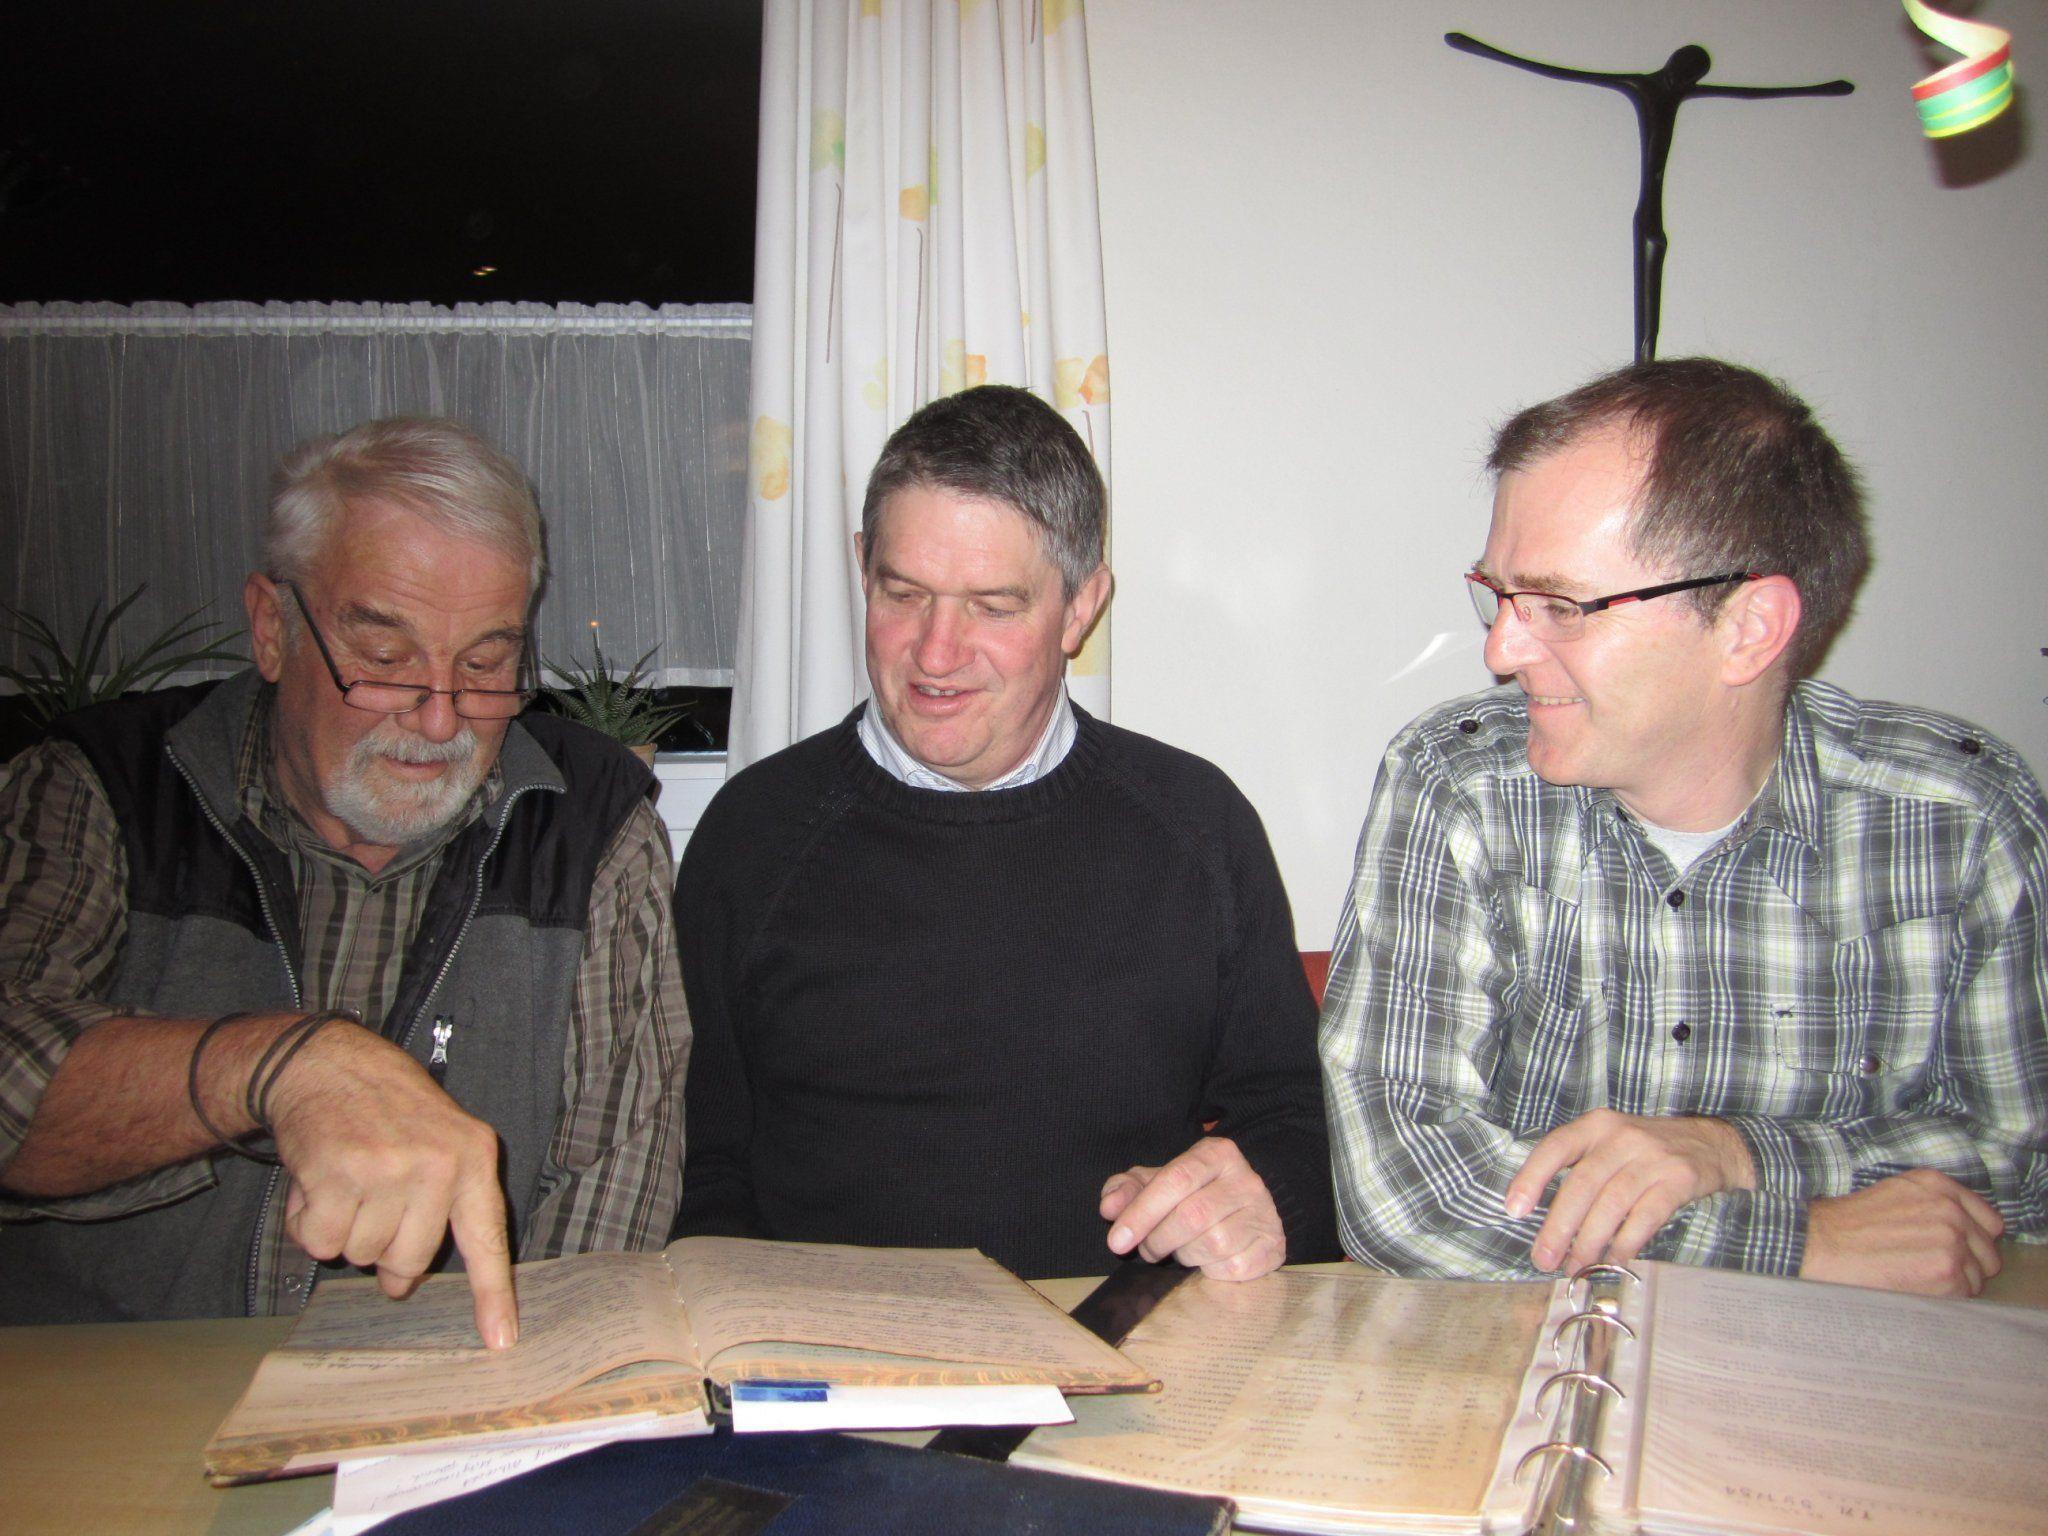 Franz  Koch, Lothar Prager und Heinz Isele haben großes Interesse an der Geschichte des Vereins